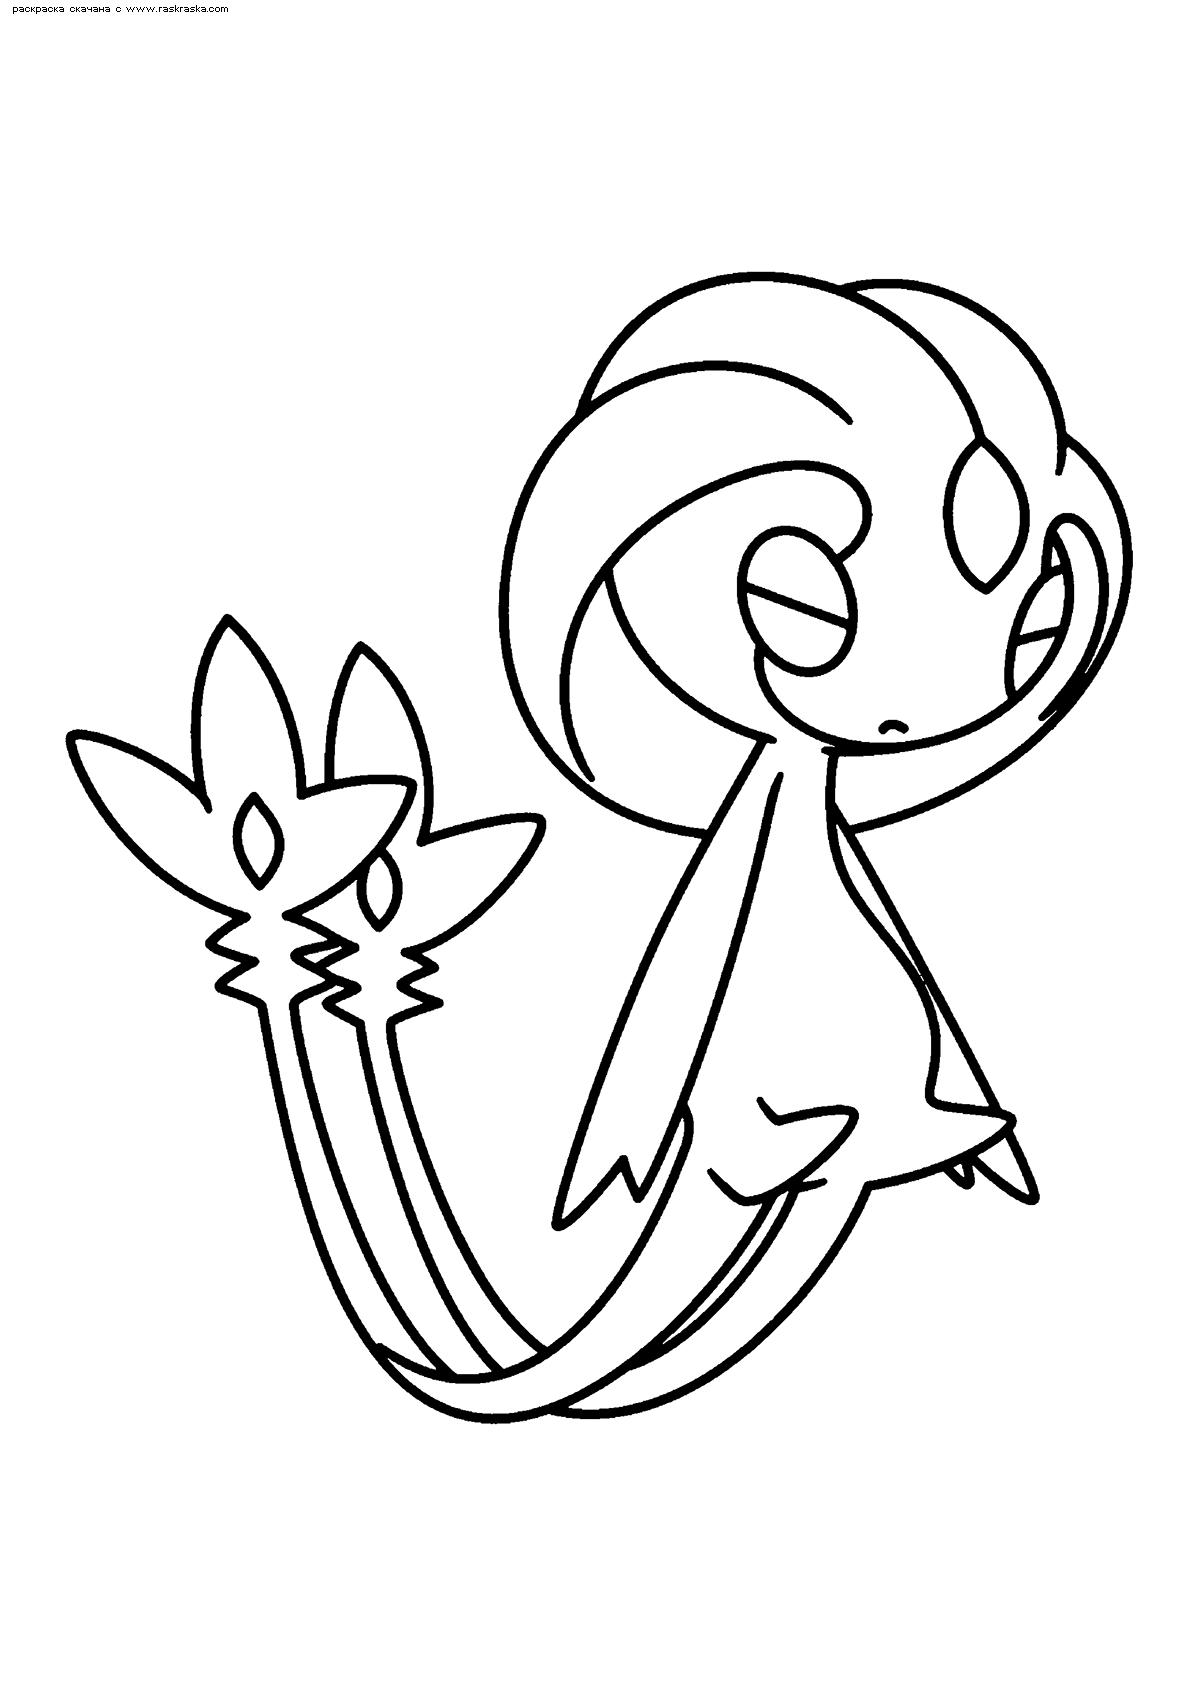 Раскраска Легендарный покемон Юкси (Uxie). Раскраска Покемон